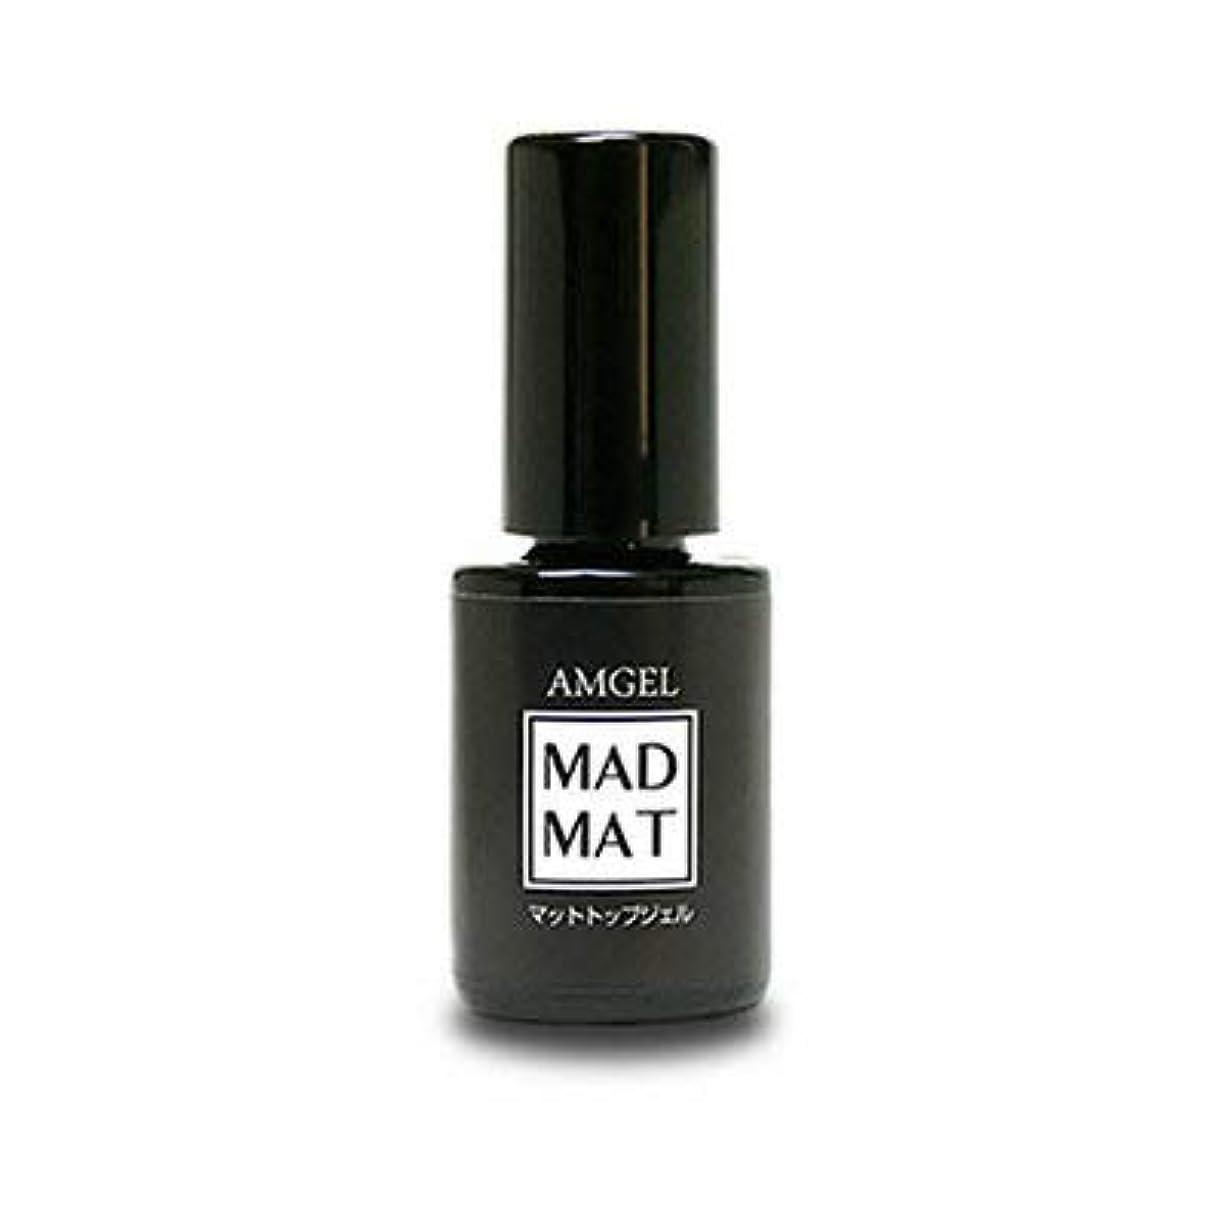 パイ分割かかわらずアンジェル マットトップジェル MADMAT(マッドマット)AG9011